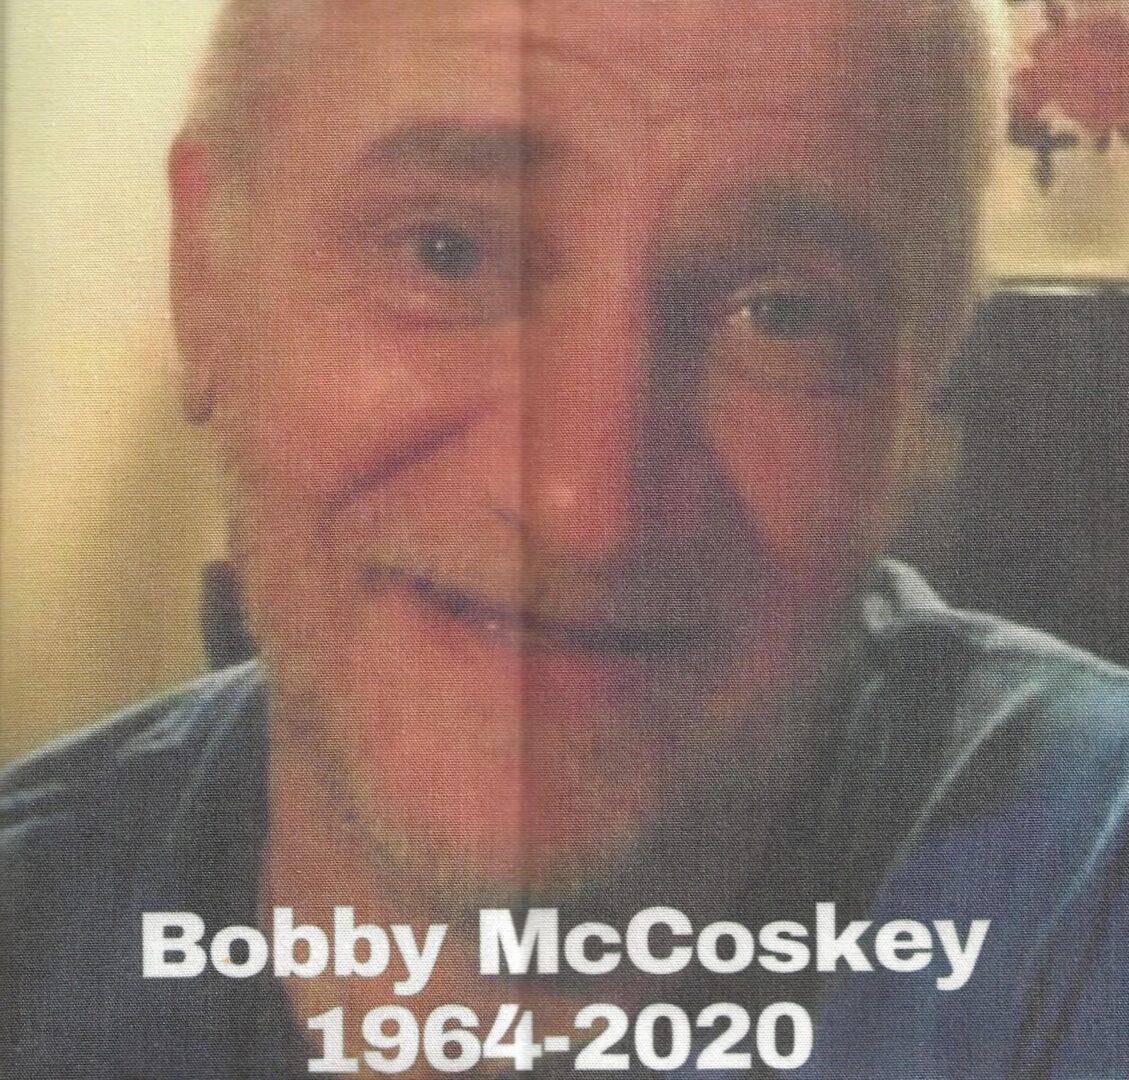 IN MEMORY OF BOBBY McCOSKEY